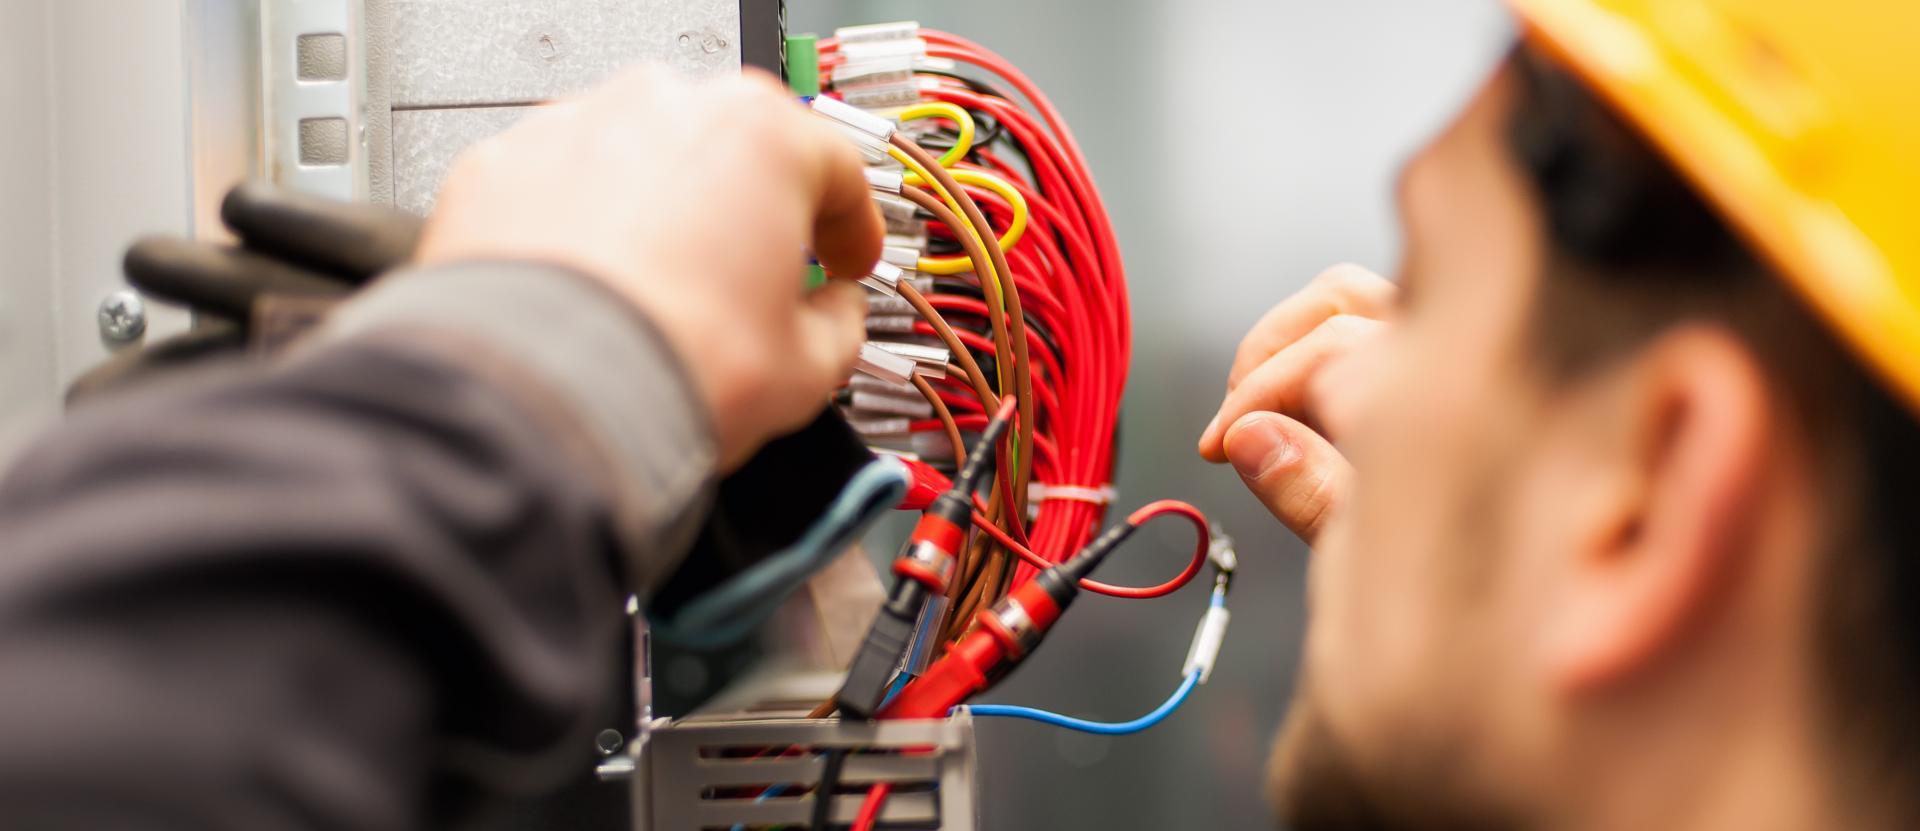 Quelles sont les normes pour une installation électrique industrielle?